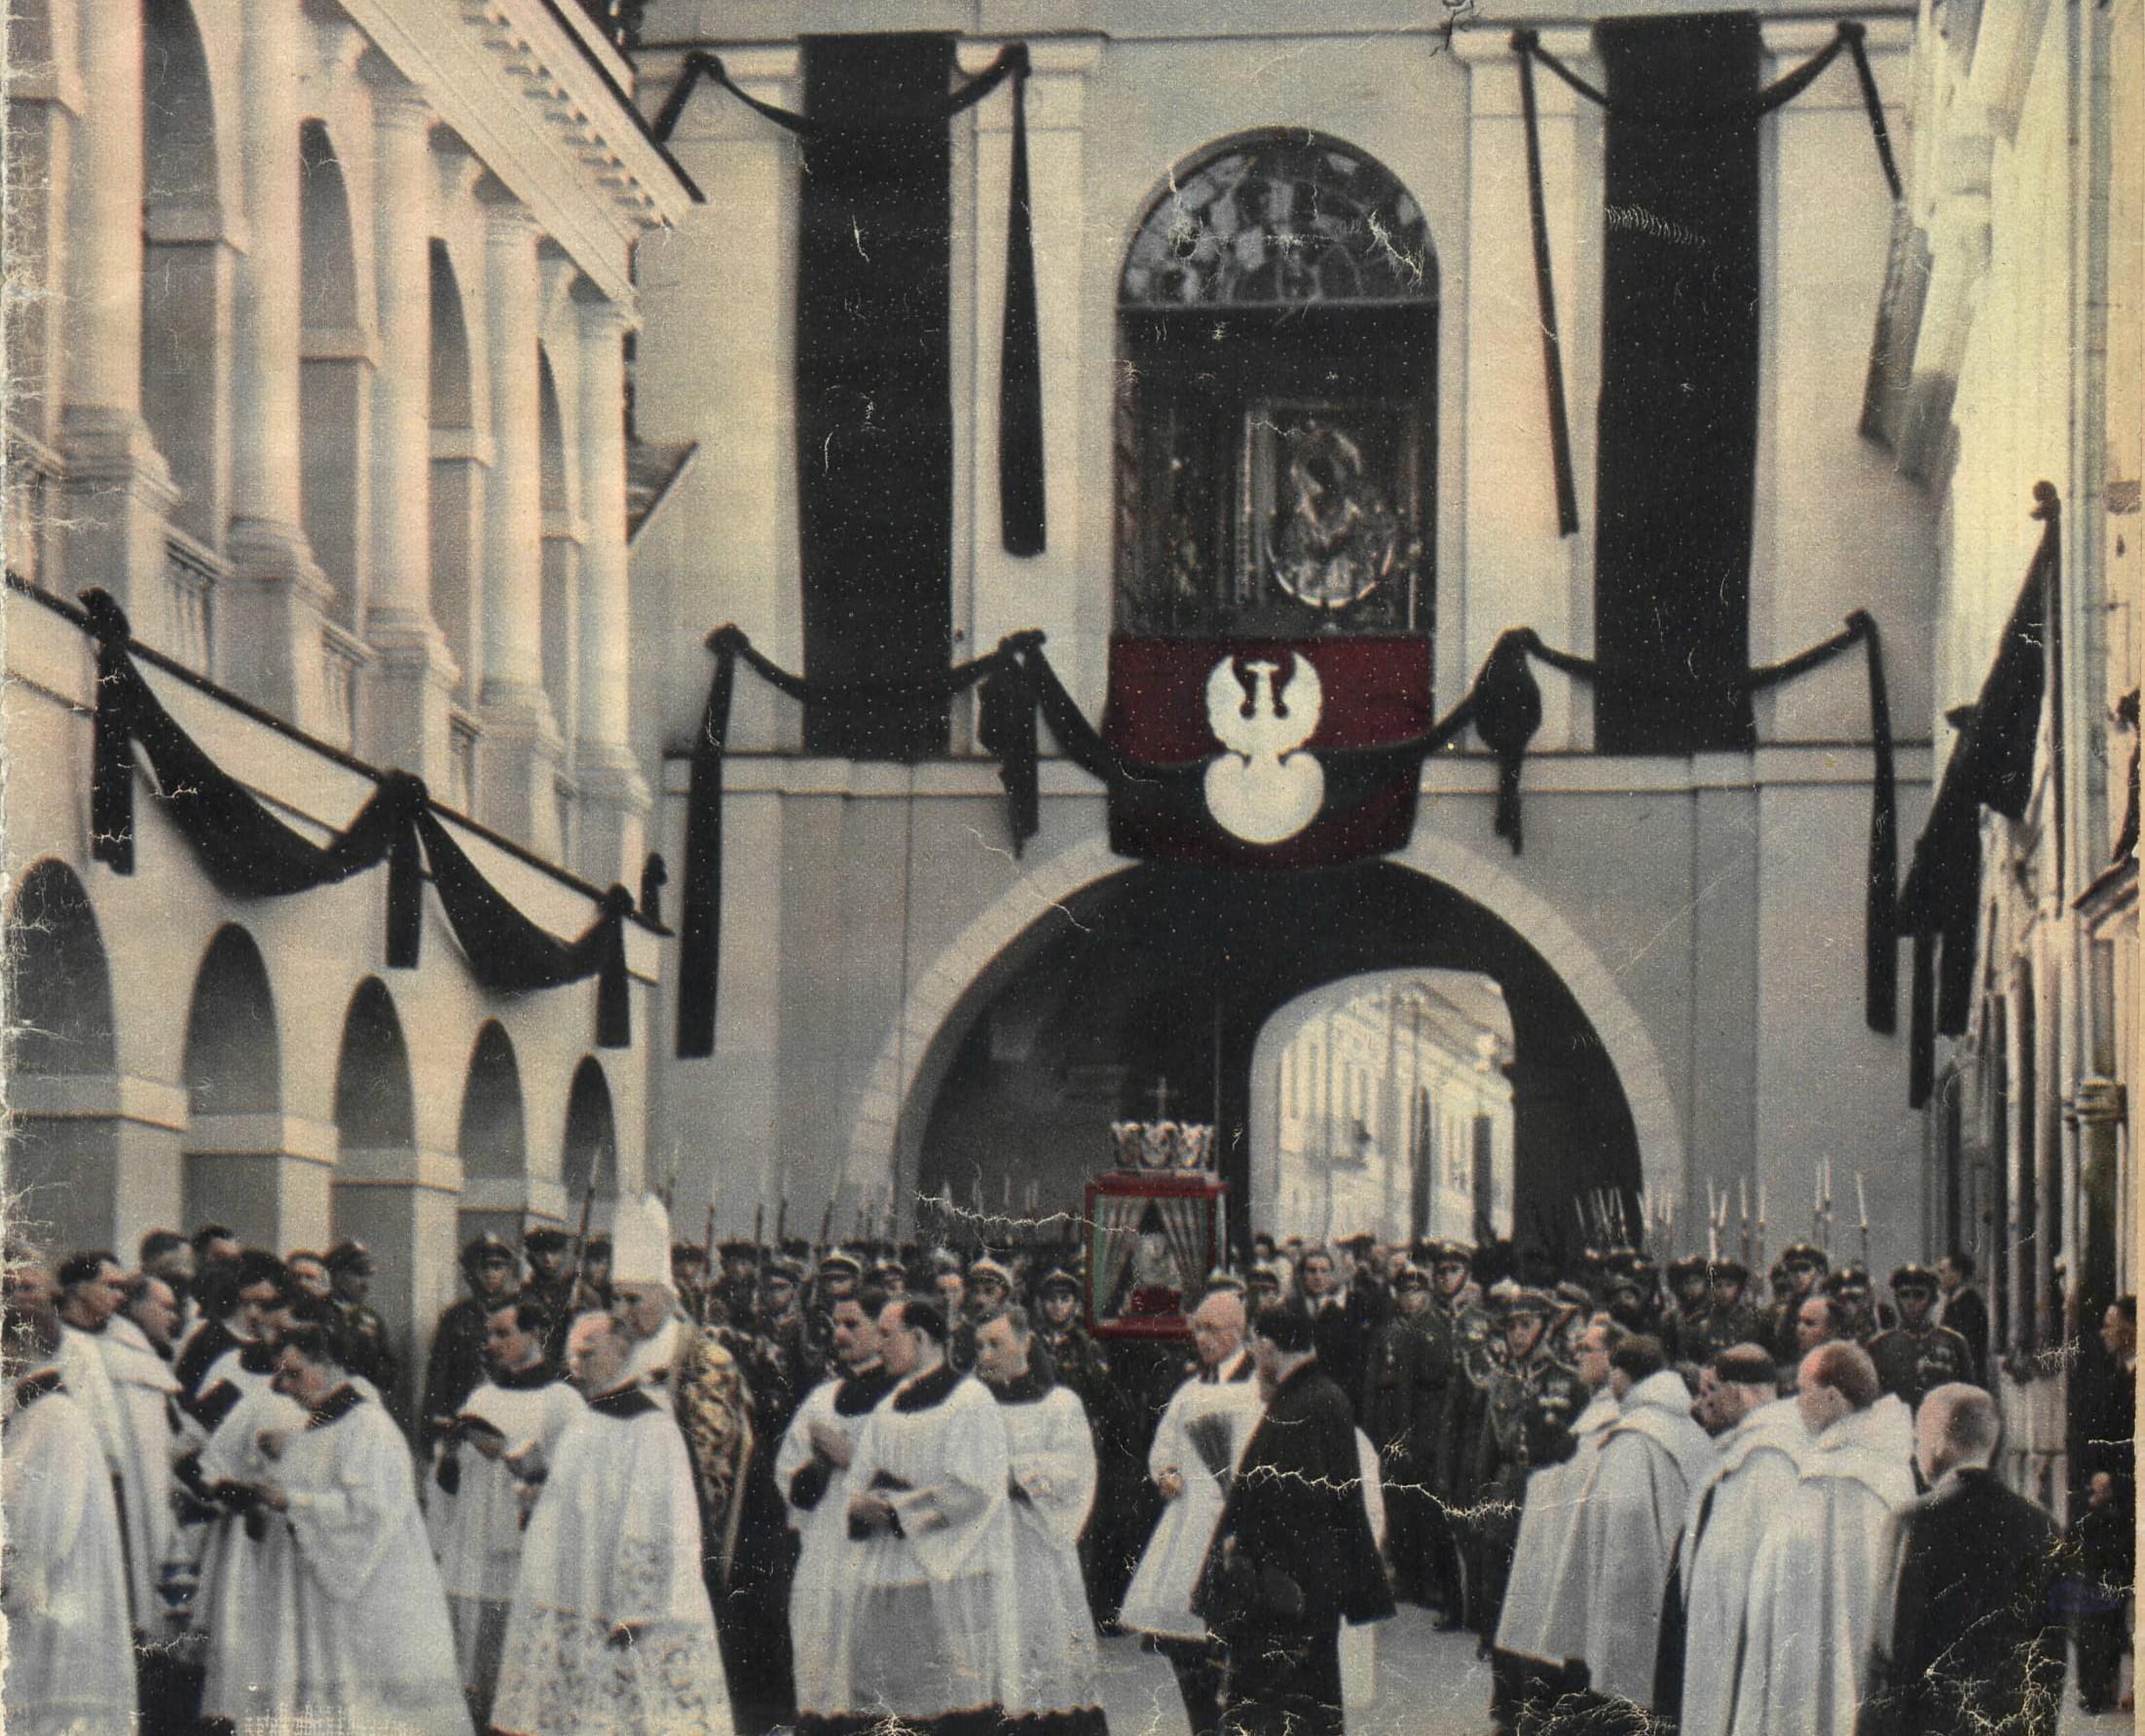 Pogrzeb serca Marszałka niesionego w lektyce - Ostra Brama, Wilno